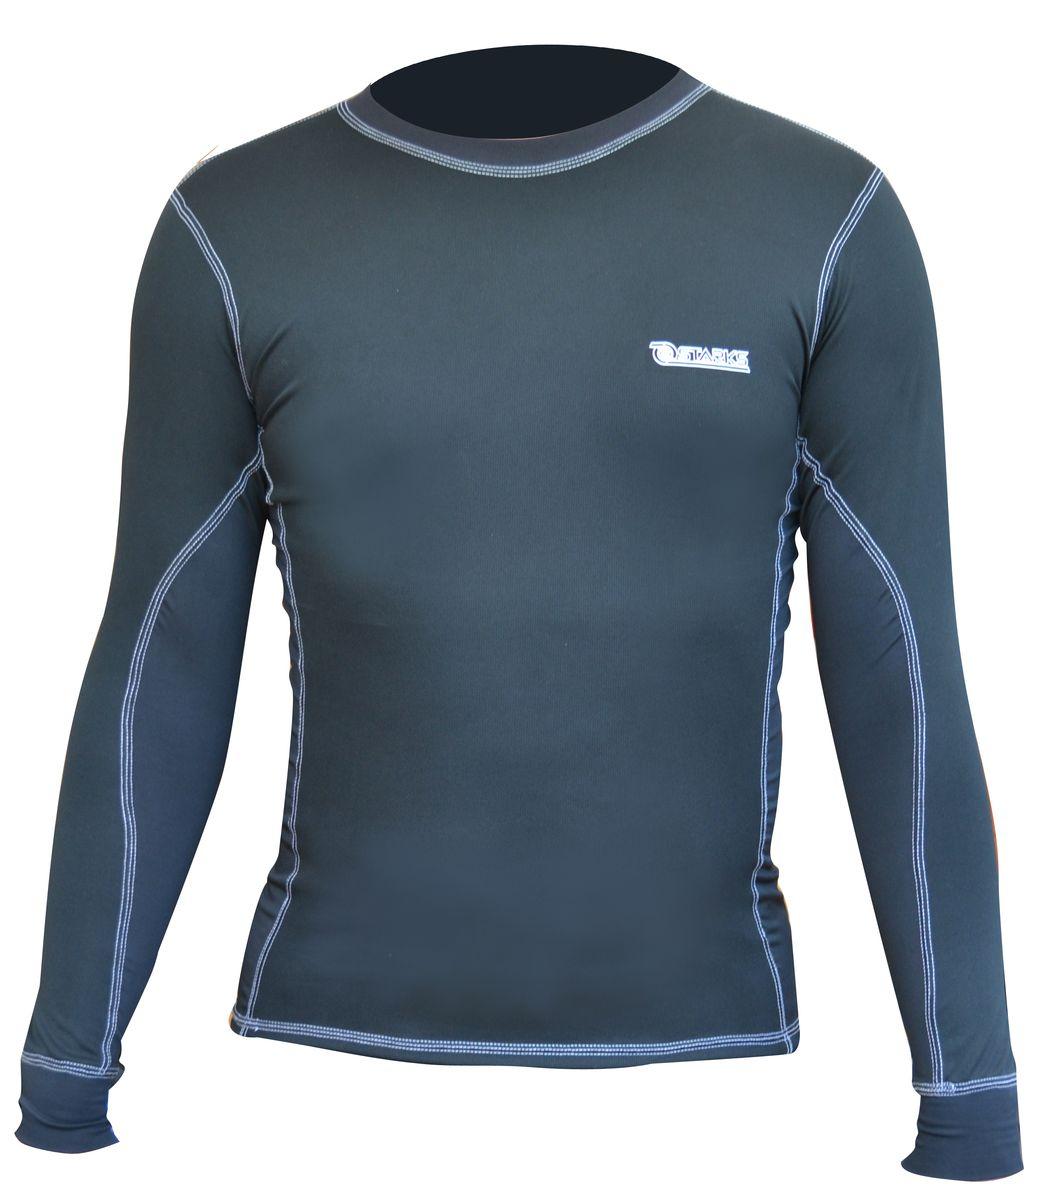 Термобелье кофта Starks Coolmax, летняя, охлаждающая, цвет: черный. Размер Sone116Анатомическое комбинированное термобелье, выполнено из сертифицированной ткани CoolMax.Повторение анатомии человеческого тела. Обеспечивает хорошую терморегуляцию тела, отводит влагу, оставляя тело сухим. Вставки из ткани CoolMax Extremeдля мест, подверженных наибольшей потливости (подмышки, локтевой сгиб руки, паховая область). Технология плоских швов. Белье предназначено для активных физических нагрузок.Особенности:Сохраняет ваше тело сухим.Эластичные, мягкие плоские швыОтличные влагоотводящиесвойстваГипоаллергенно